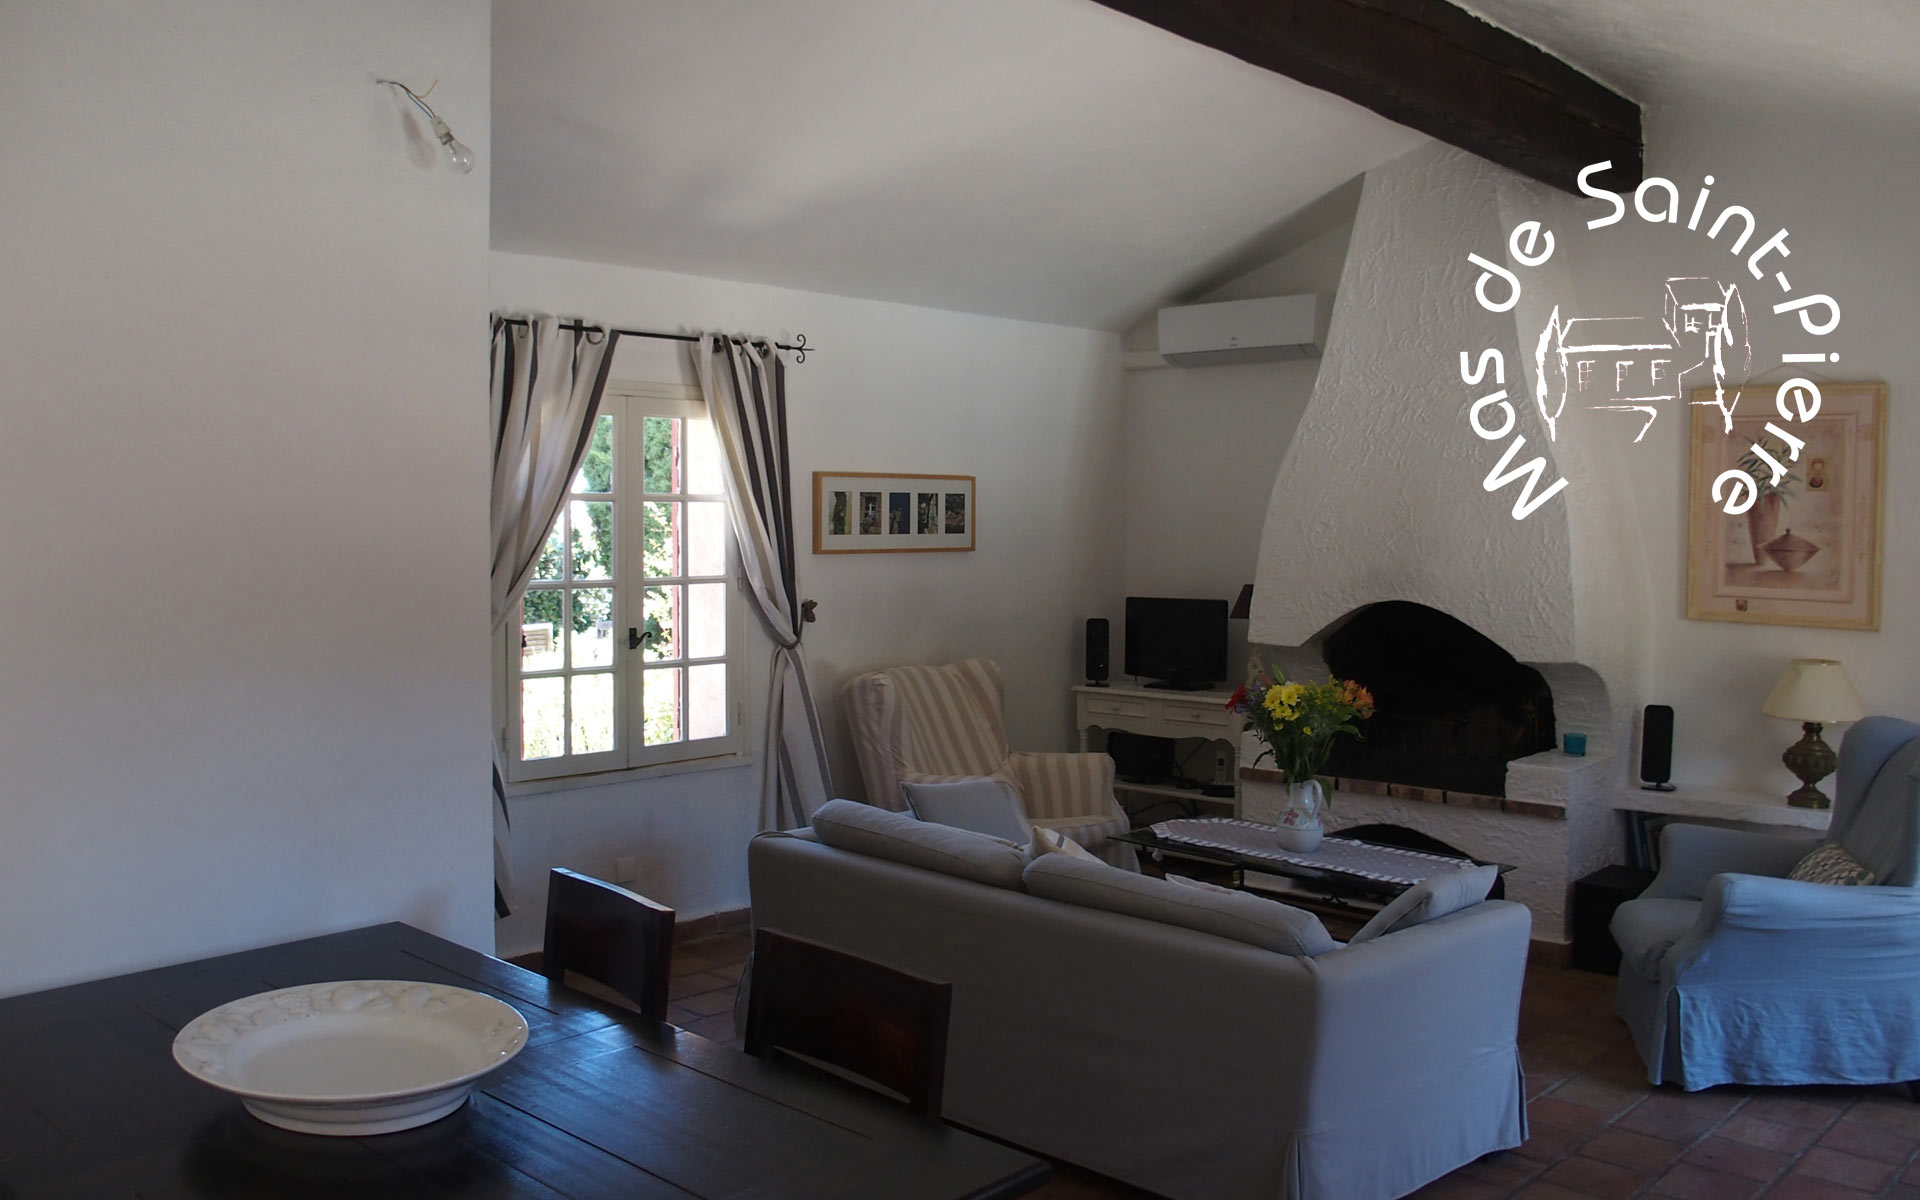 La salle de séjour – das Wohnzimmer